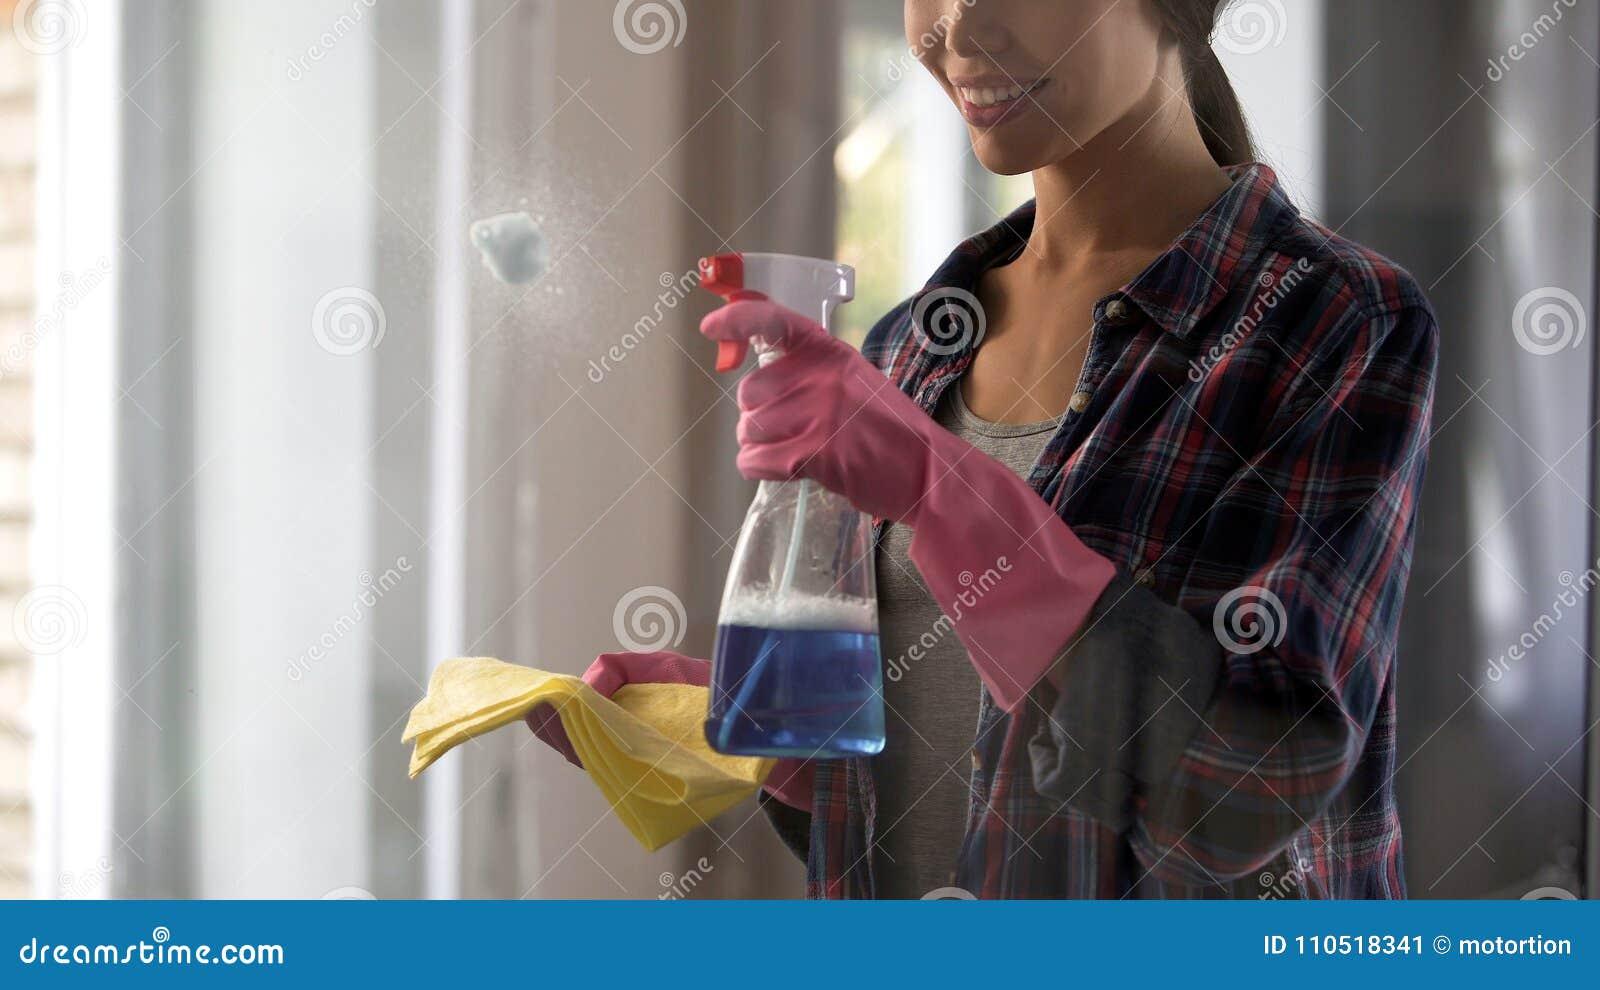 Flicka från tjänste- applicerande rentvå medel för lokalvård till dammiga glass yttersidor